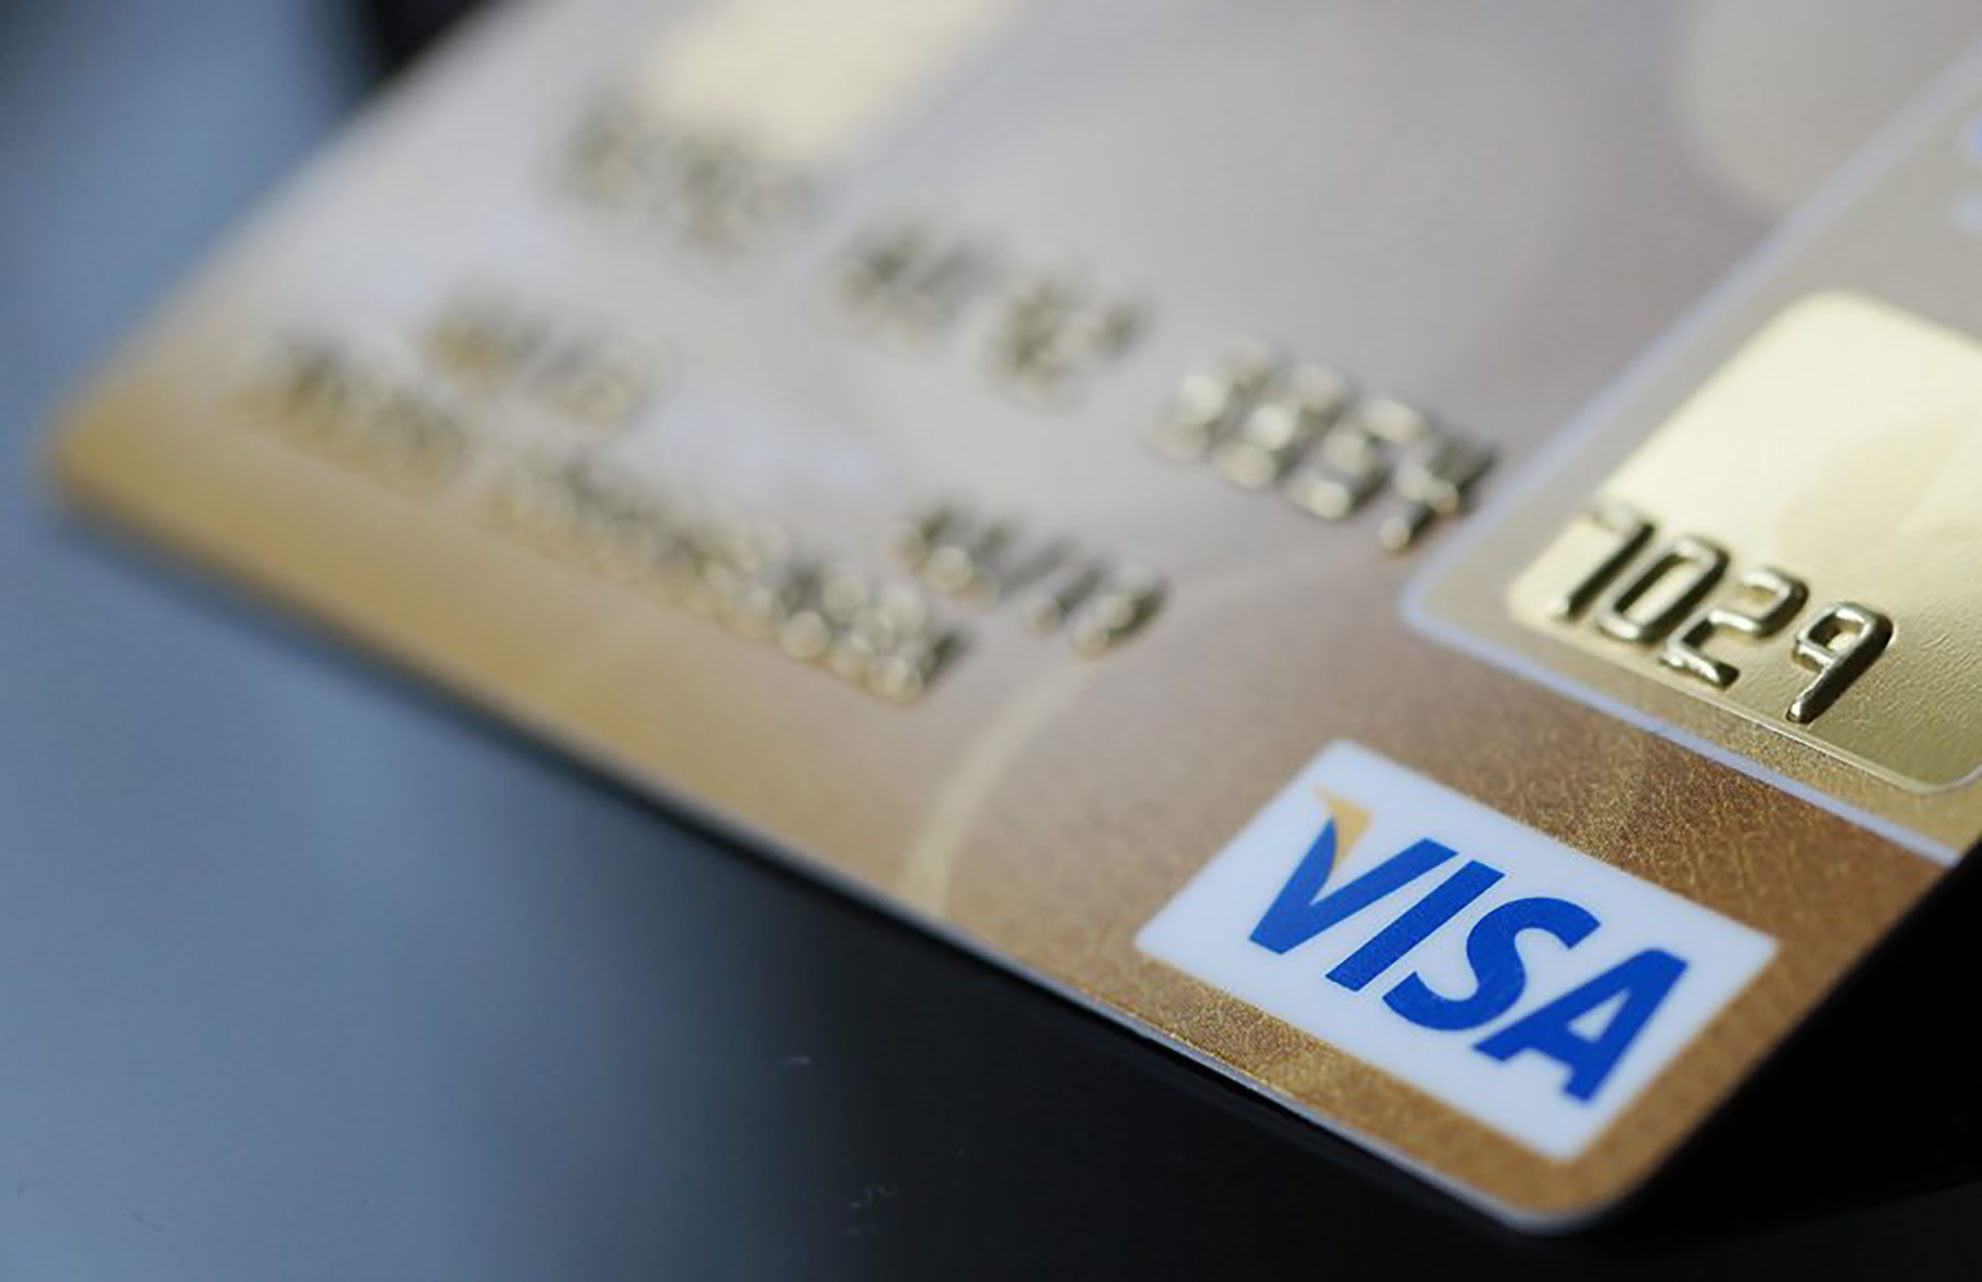 Συναγερμός στις τράπεζες! Χάκερς έκλεψαν δεδομένα από 15.000 κάρτες!